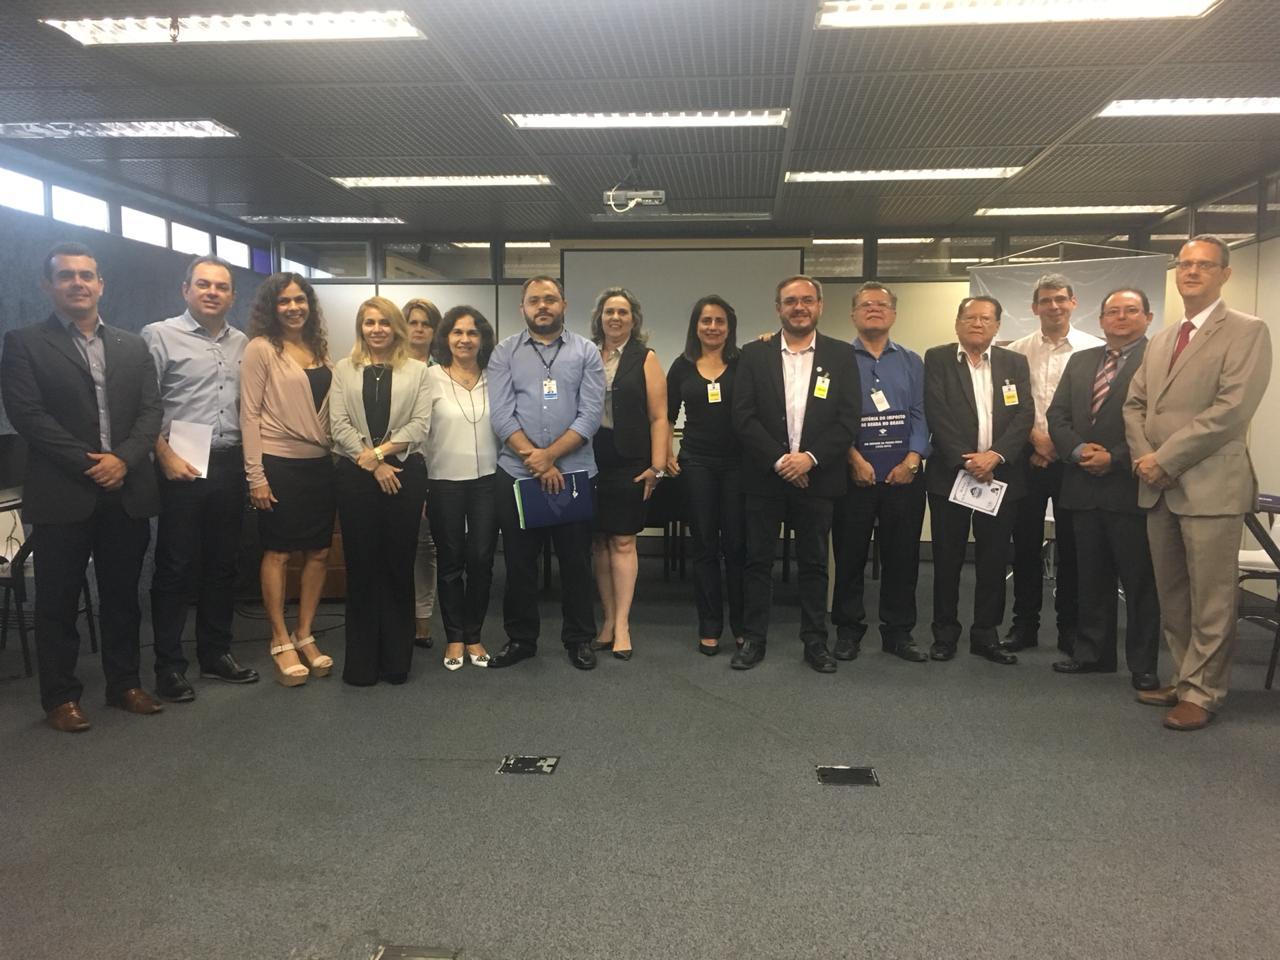 CRCCE participa da última reunião do Fórum Administrativo Tributário da Receita Federal em 2018